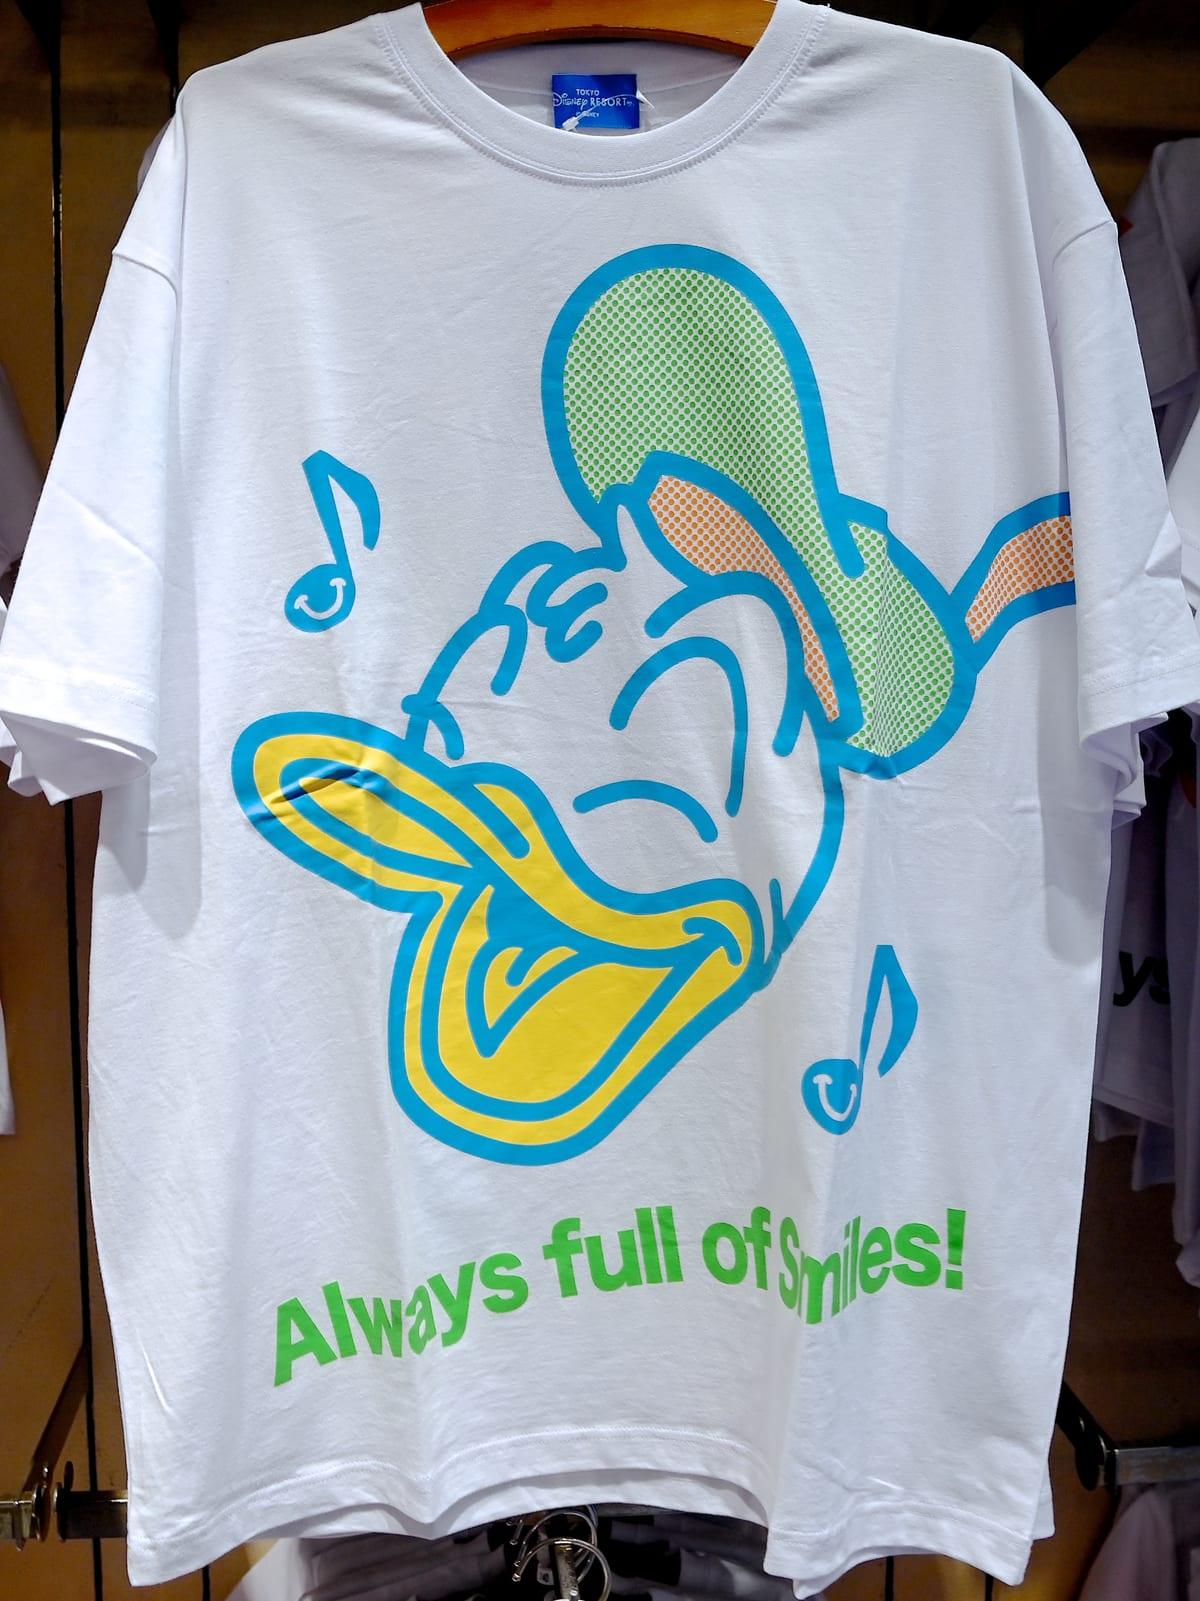 ドナルドダックTシャツ(Smiles all around!)